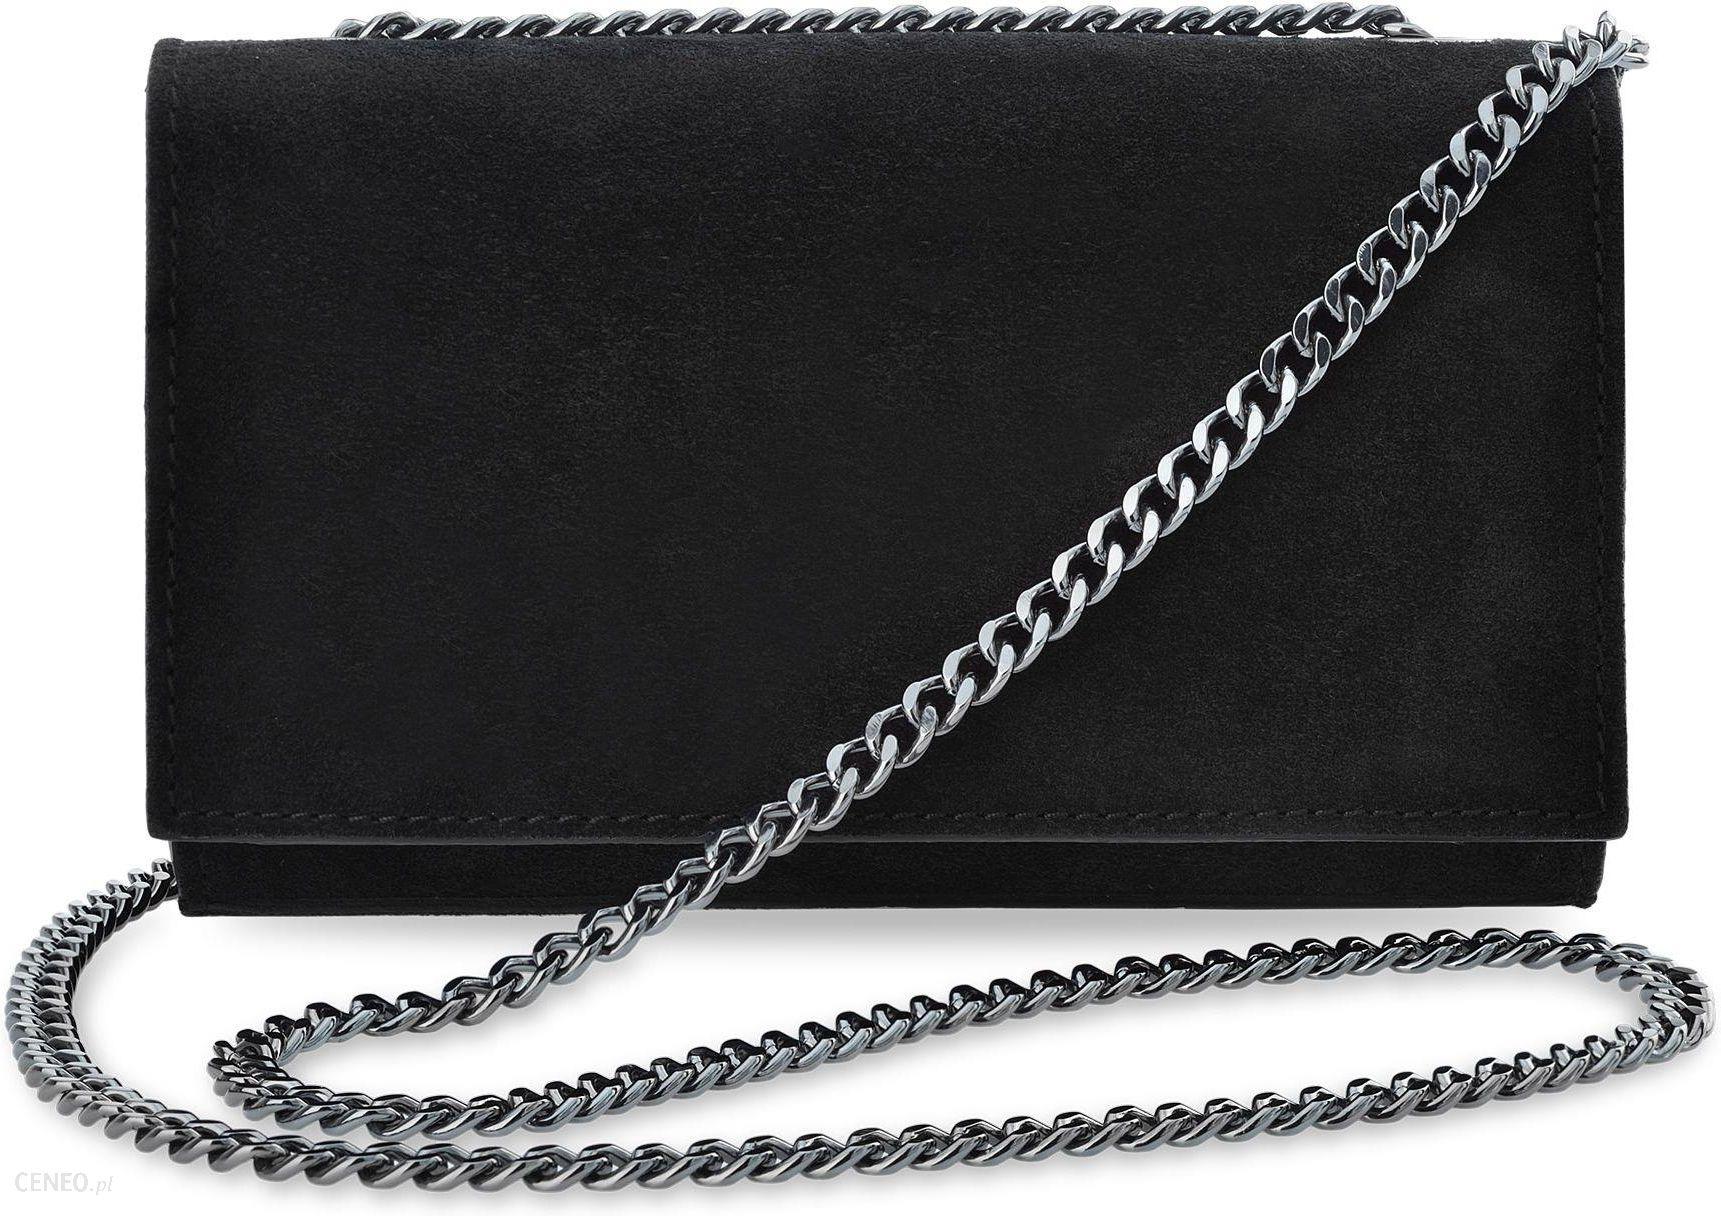 0632fec99e9d9 Elegancka kopertówka na łańcuszku wizytowa torebka damska skóra naturalna  zamsz - czarny - zdjęcie 1